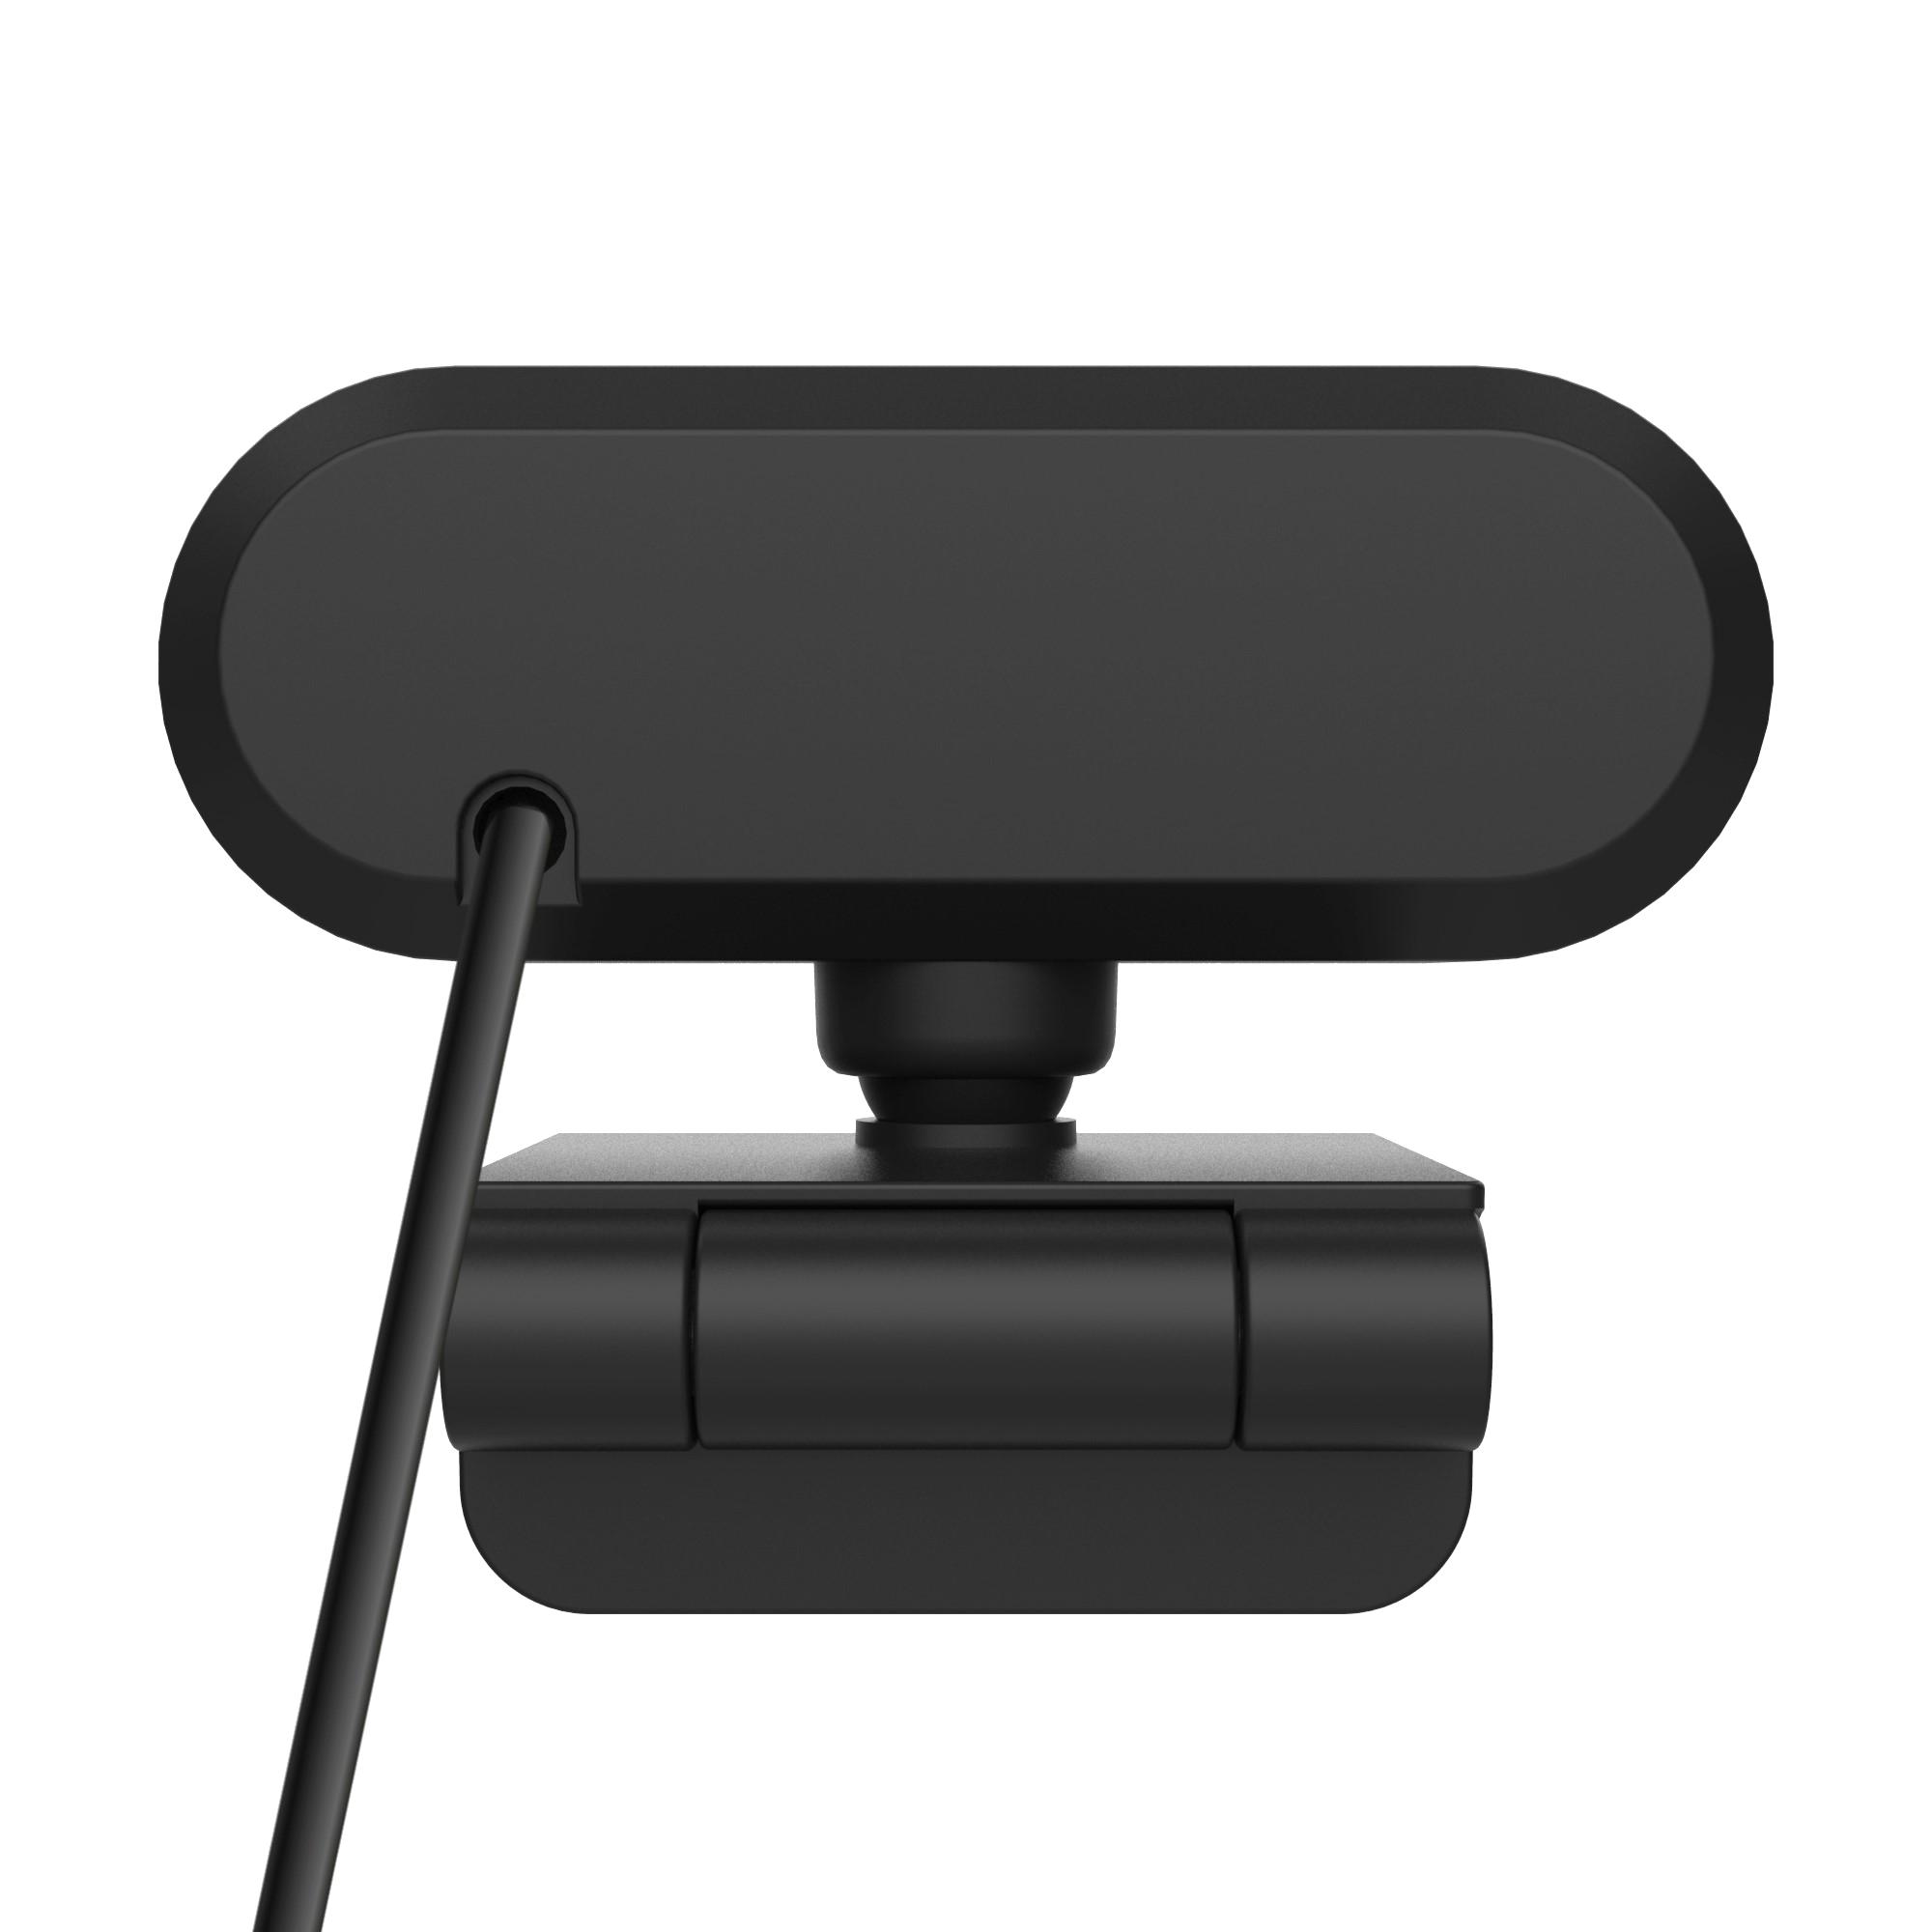 webcam-günstig-kaufen-in-köln